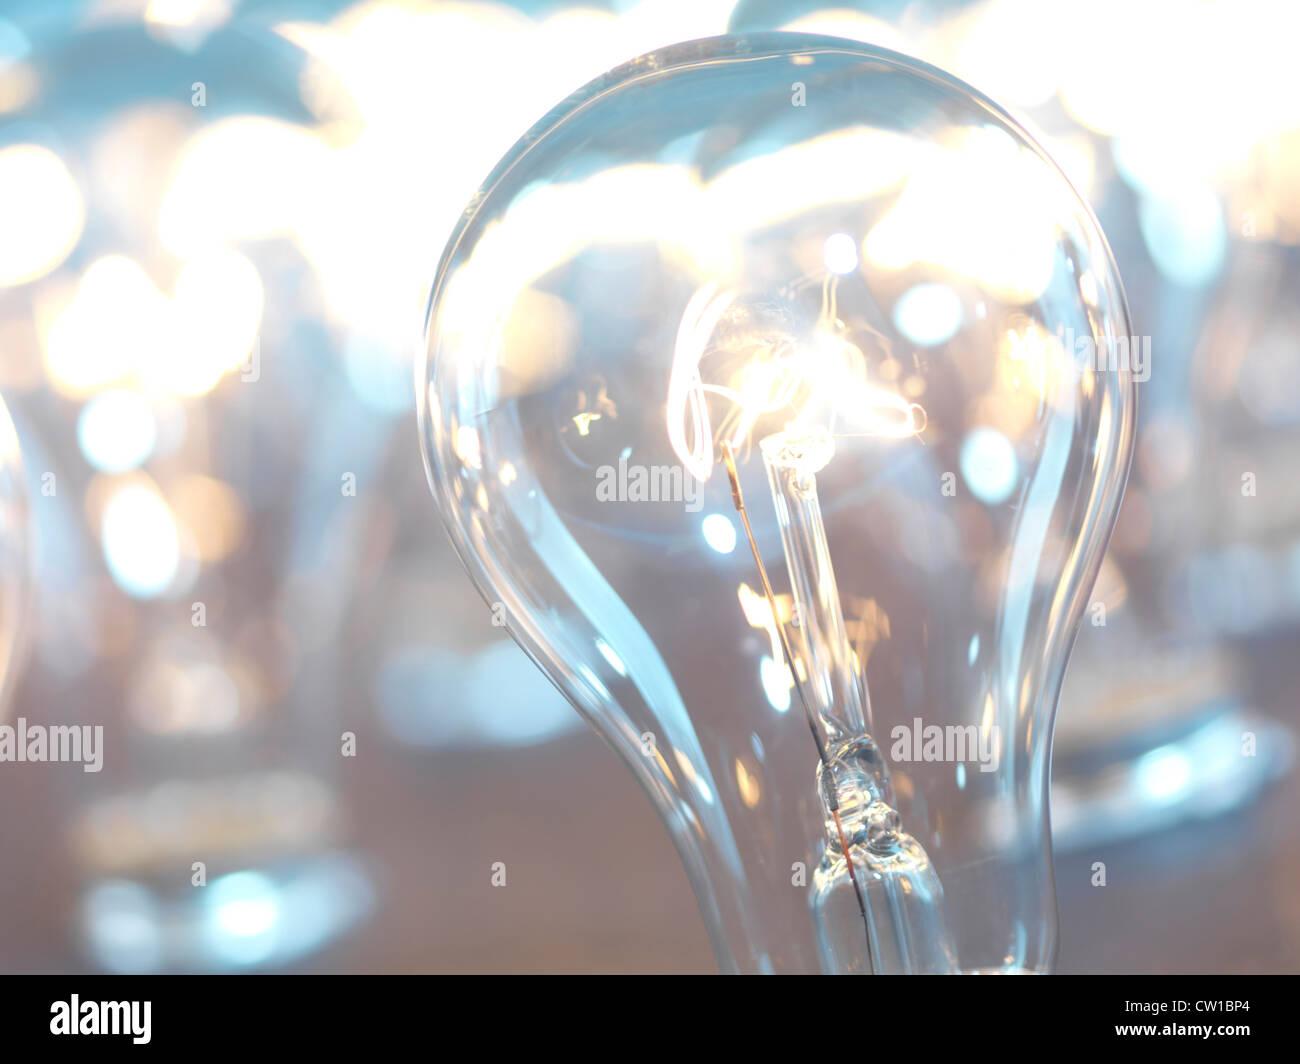 Nahaufnahme von Glühbirnen beleuchtet. Power-Verbrauch-Konzept. Stockbild